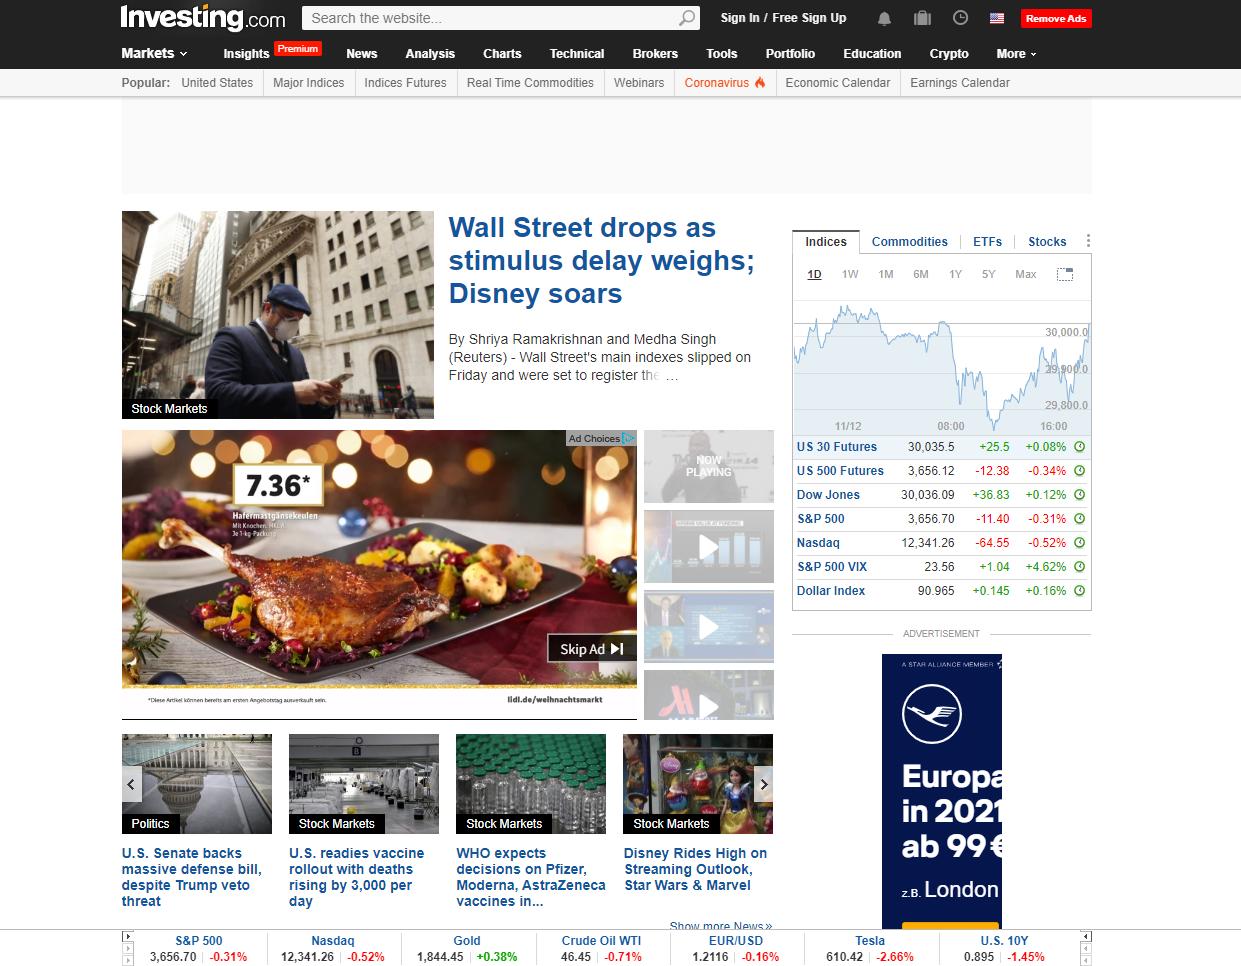 Investing.com web